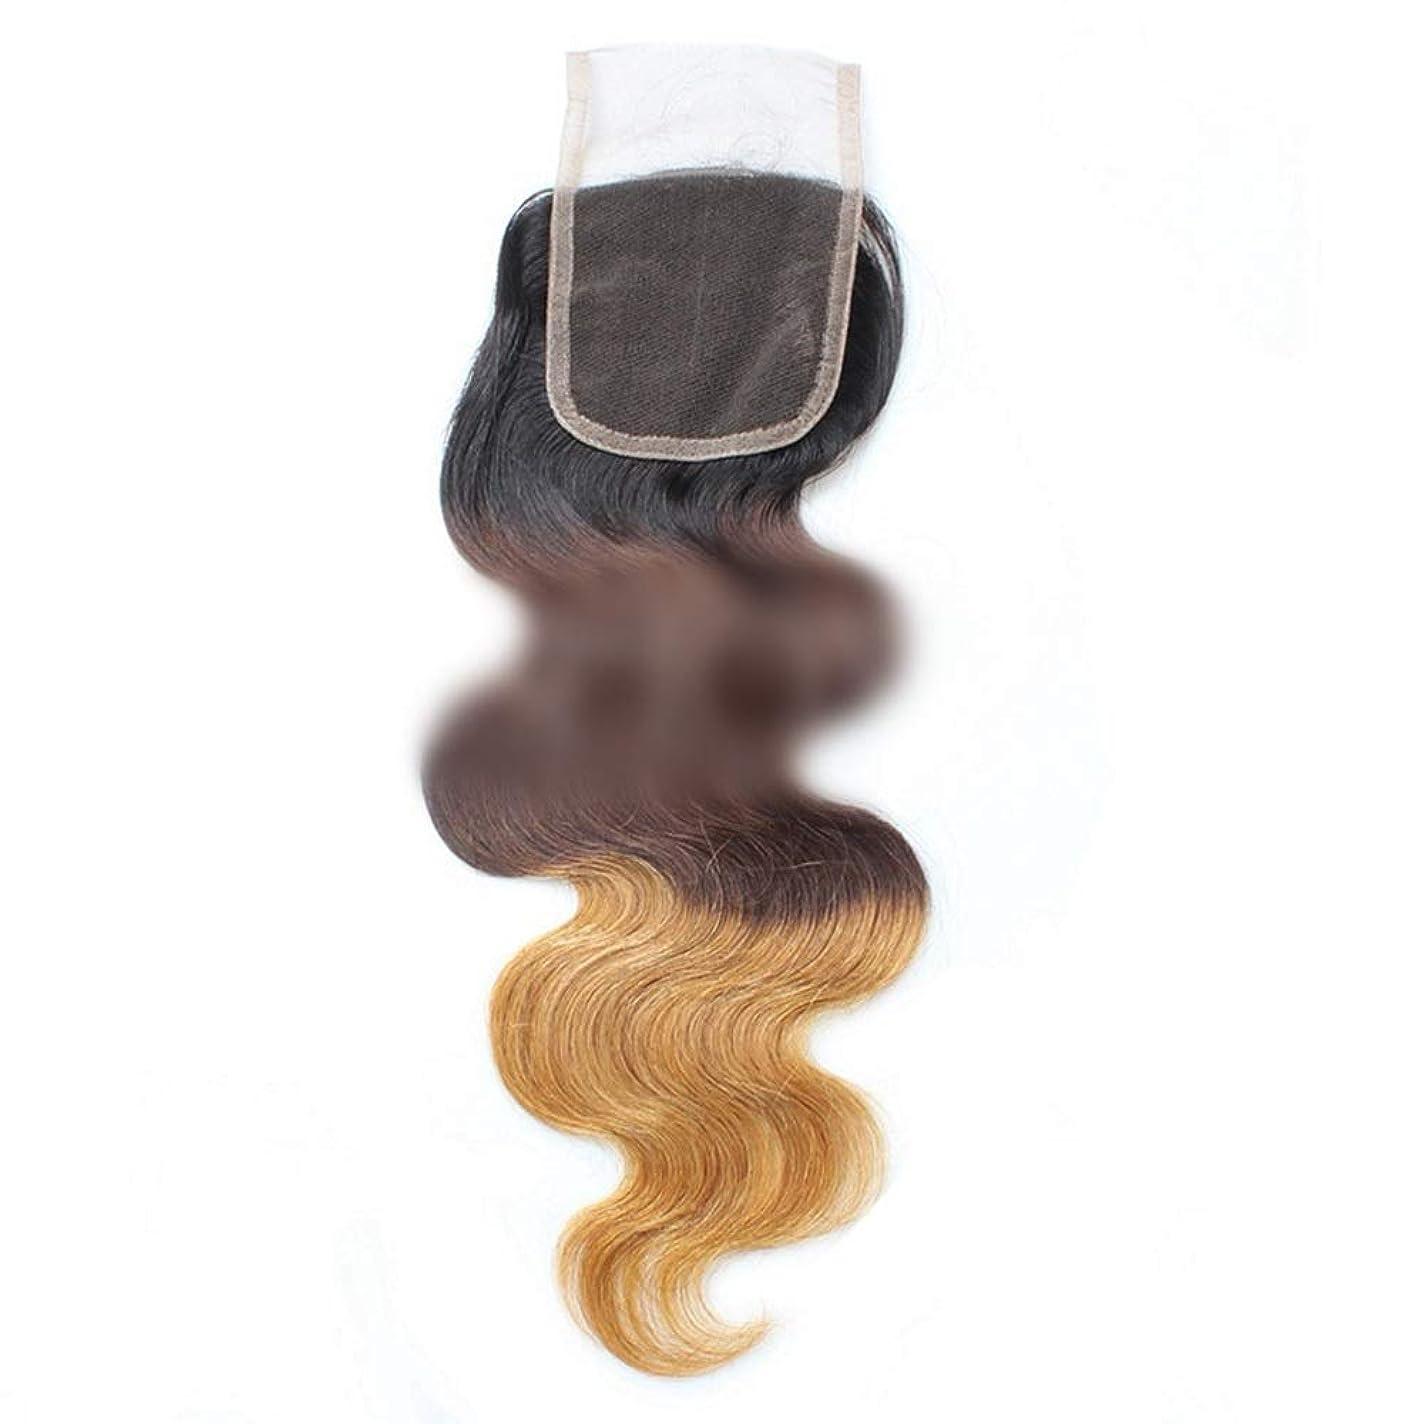 手数料ガイドあるYESONEEP 実体波4×4レース前頭閉鎖人間の髪の毛黒から茶色への3トーンカラー無料パートヘアコンポジットヘアレースかつらロールプレイングかつらロングとショート女性自然 (色 : ブラウン, サイズ : 16 inch)